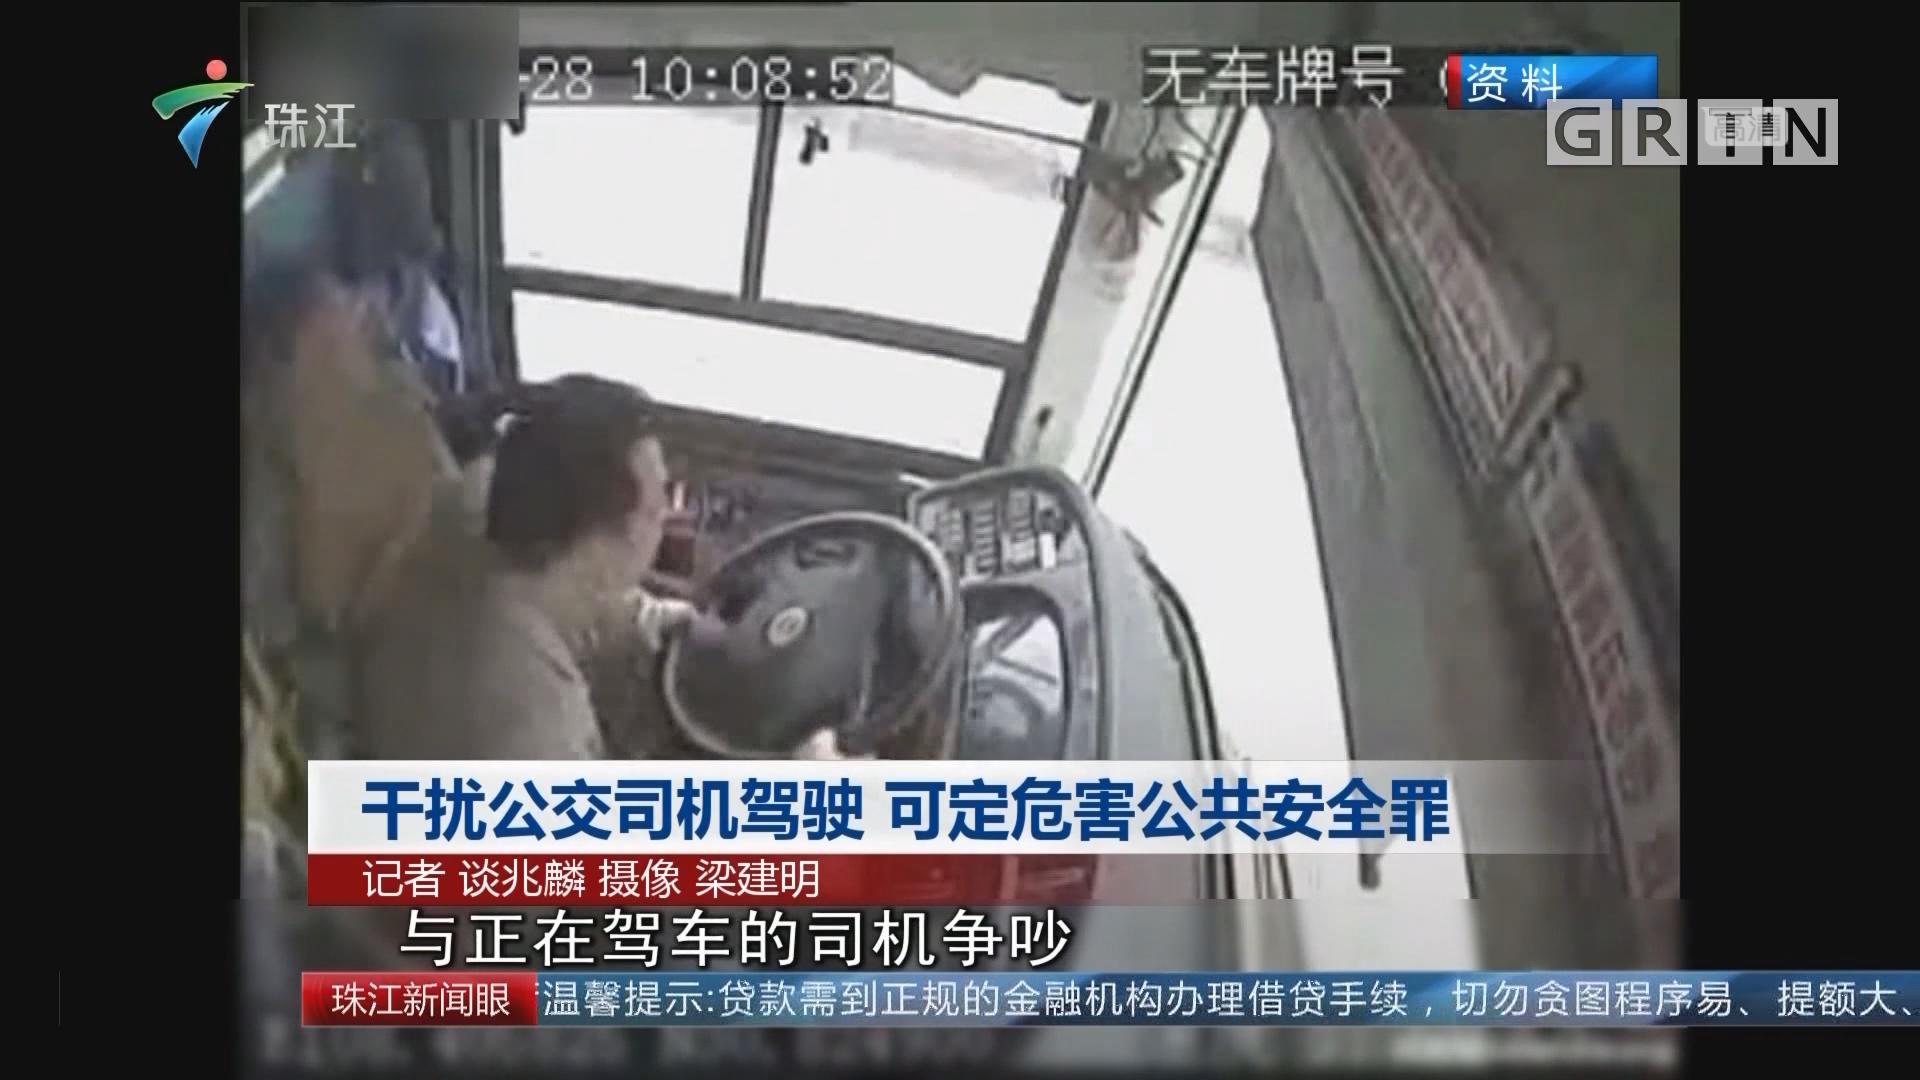 干扰公交司机驾驶 可定危害公共安全罪